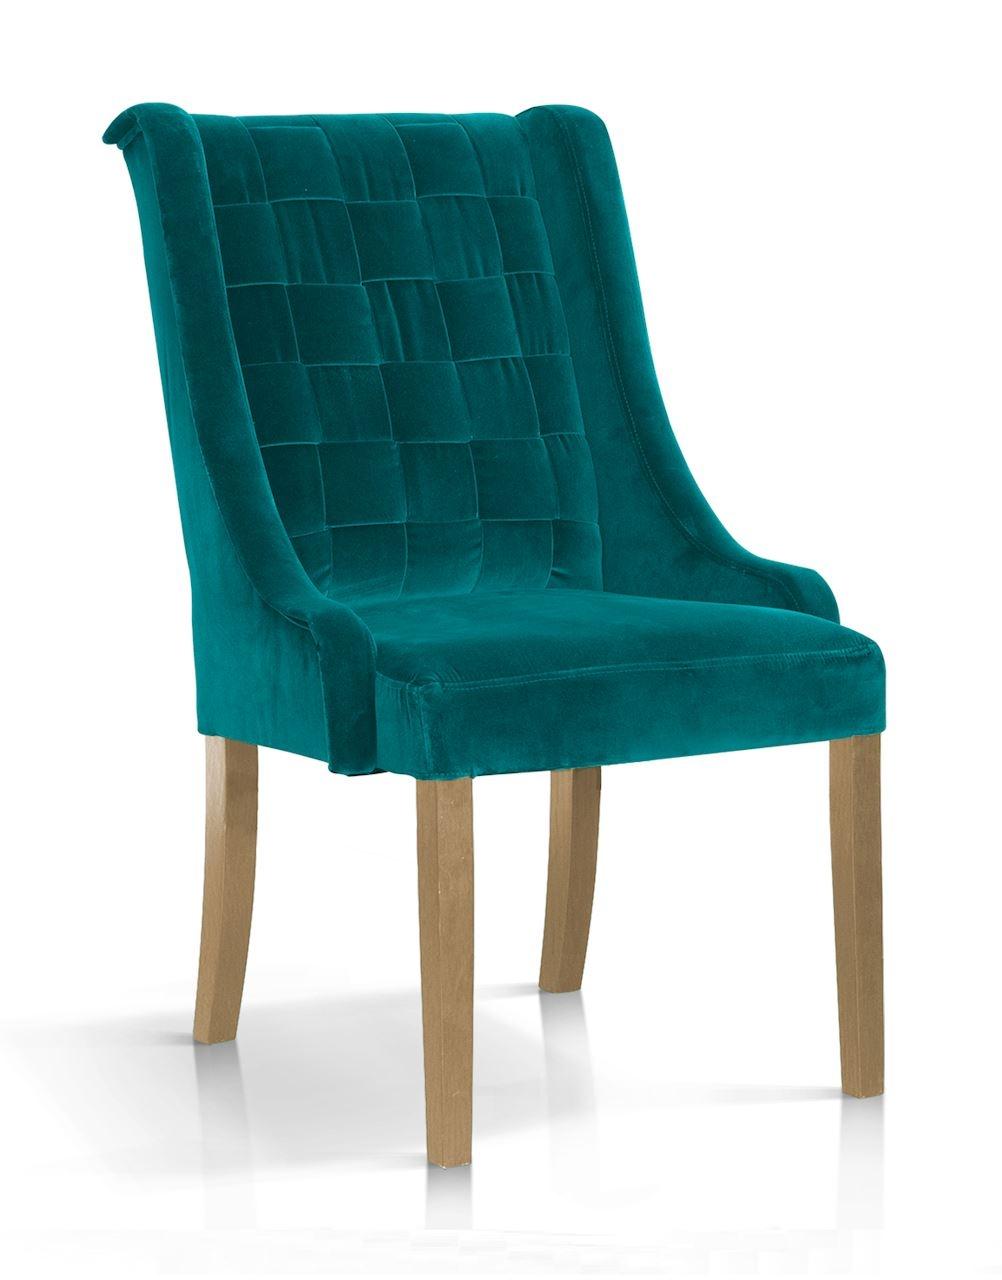 Scaun tapitat cu stofa, cu picioare din lemn Prince Turcoaz / Stejar, l55xA70xH105 cm